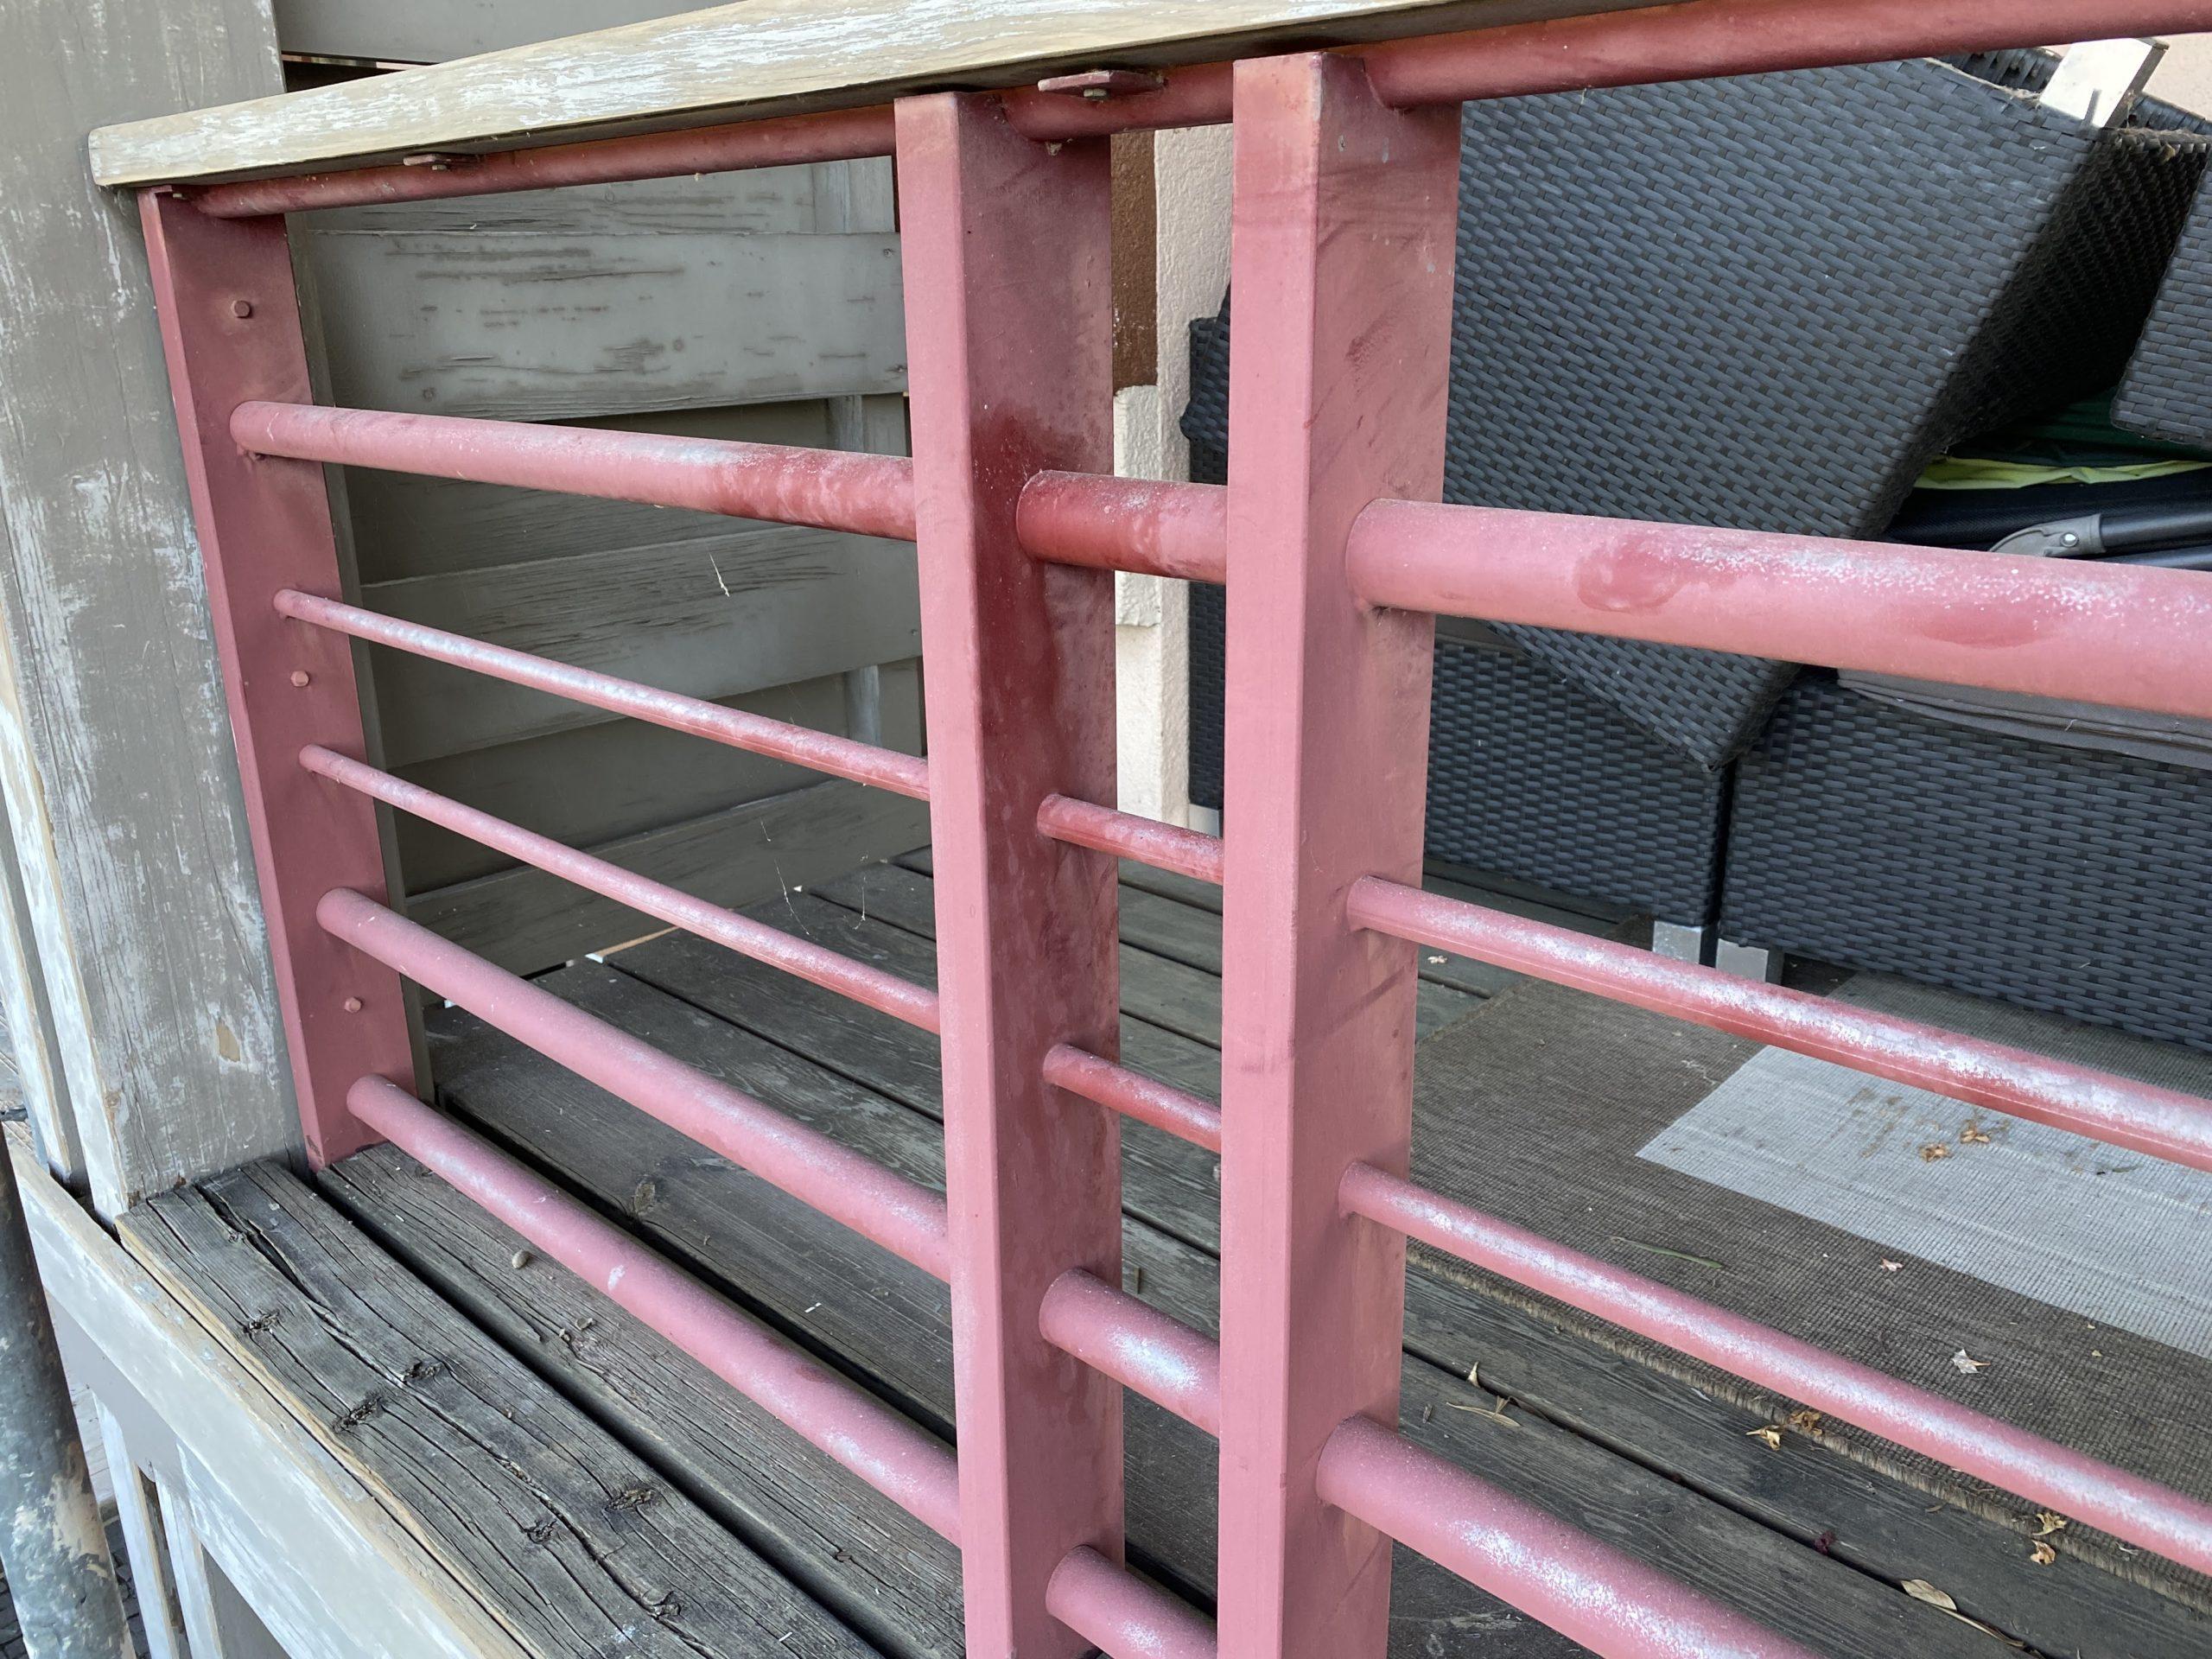 Les rambardes métalliques seront traitées avec une peinture antirouille